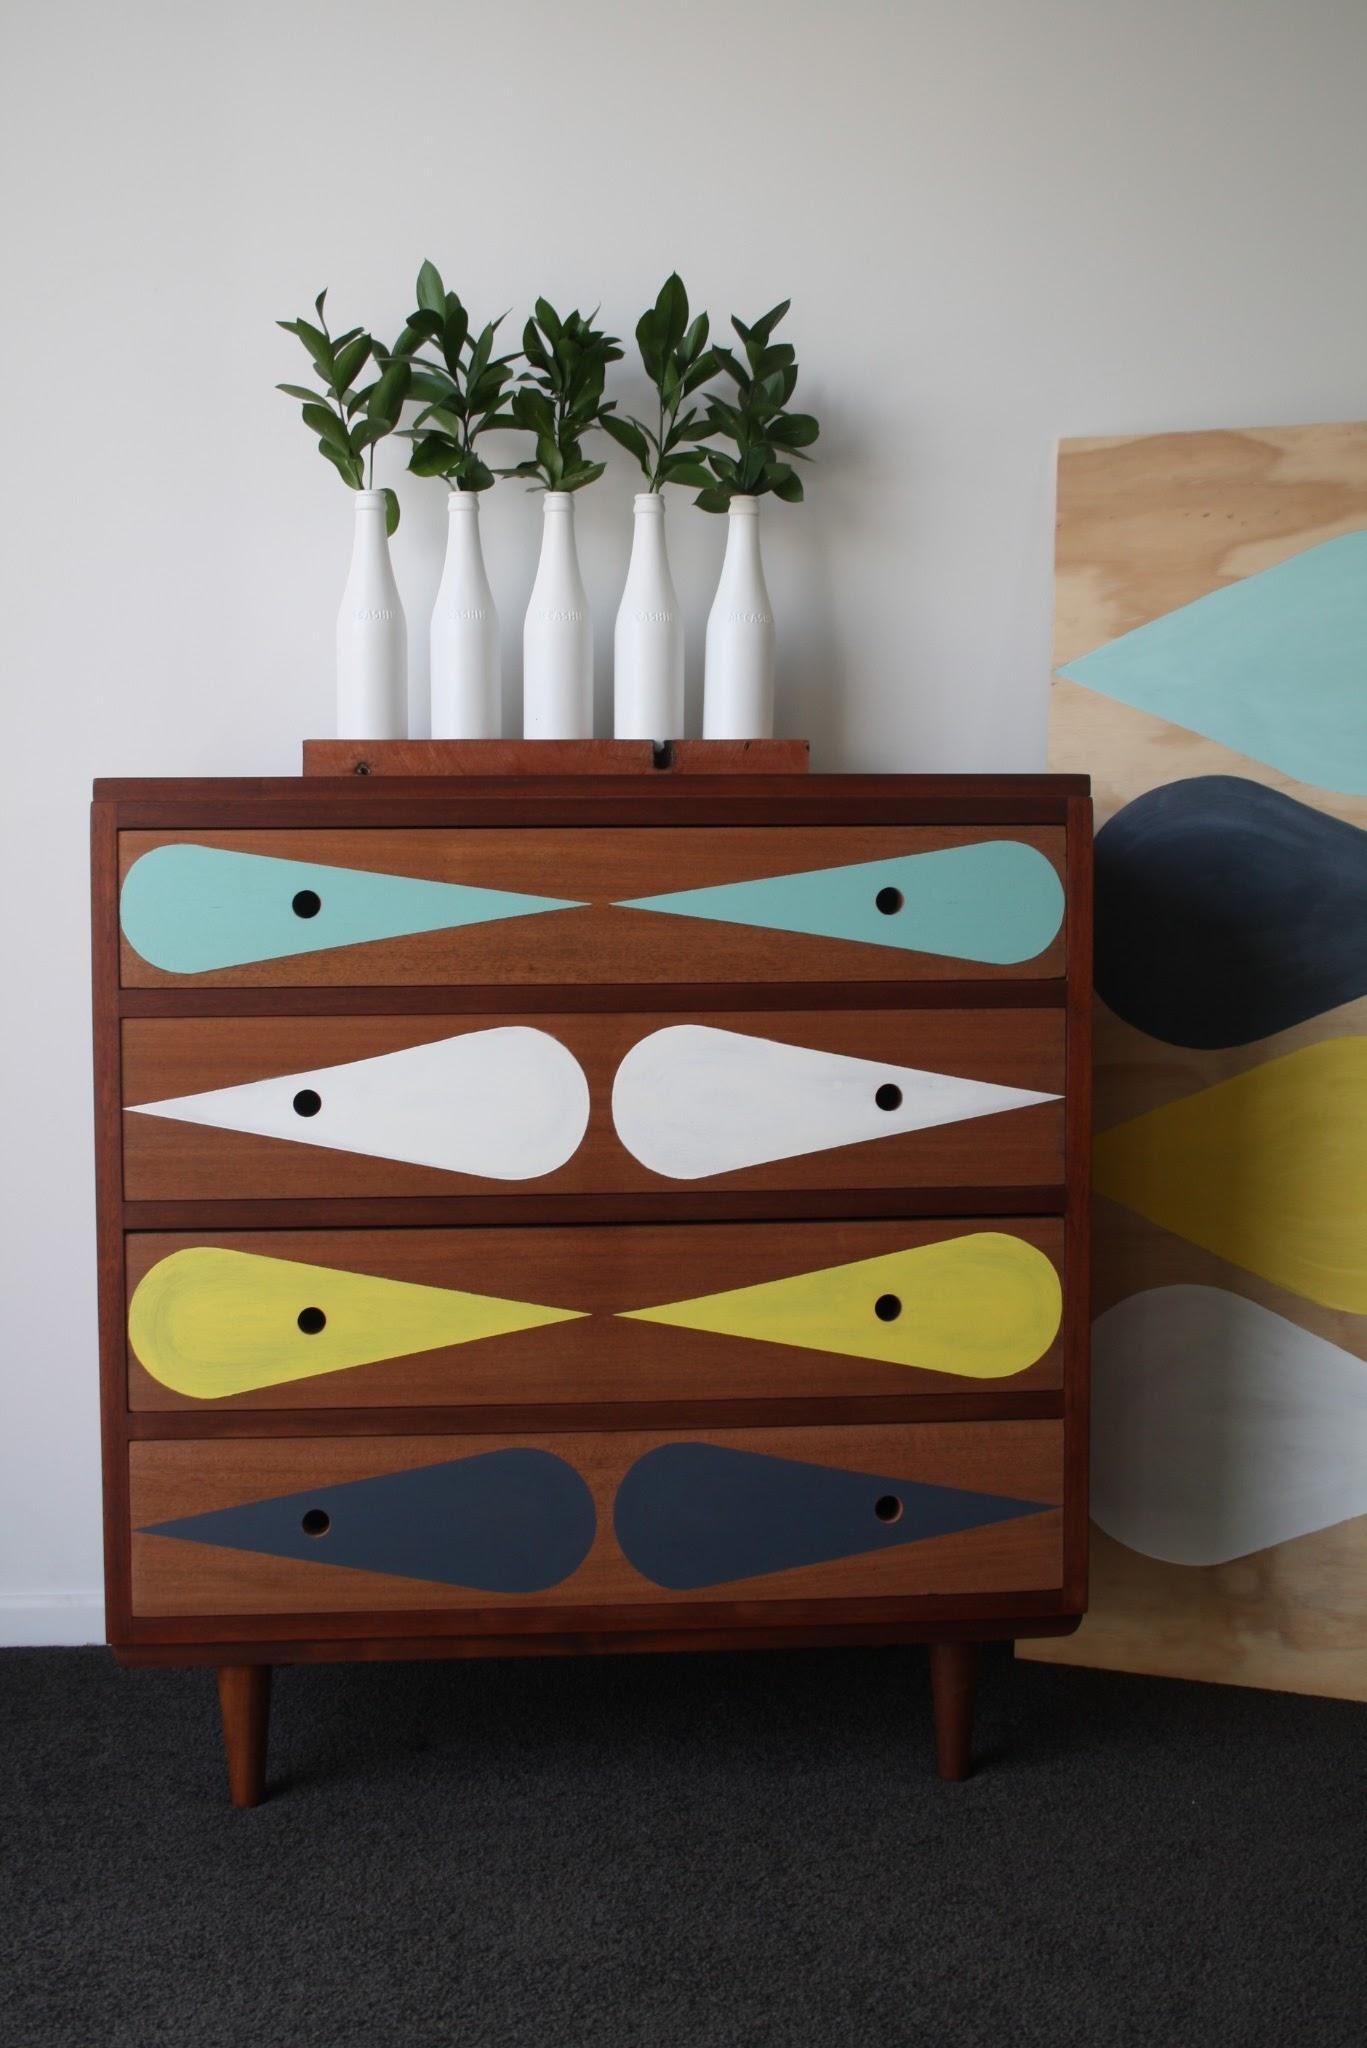 mobilier.peint.design7